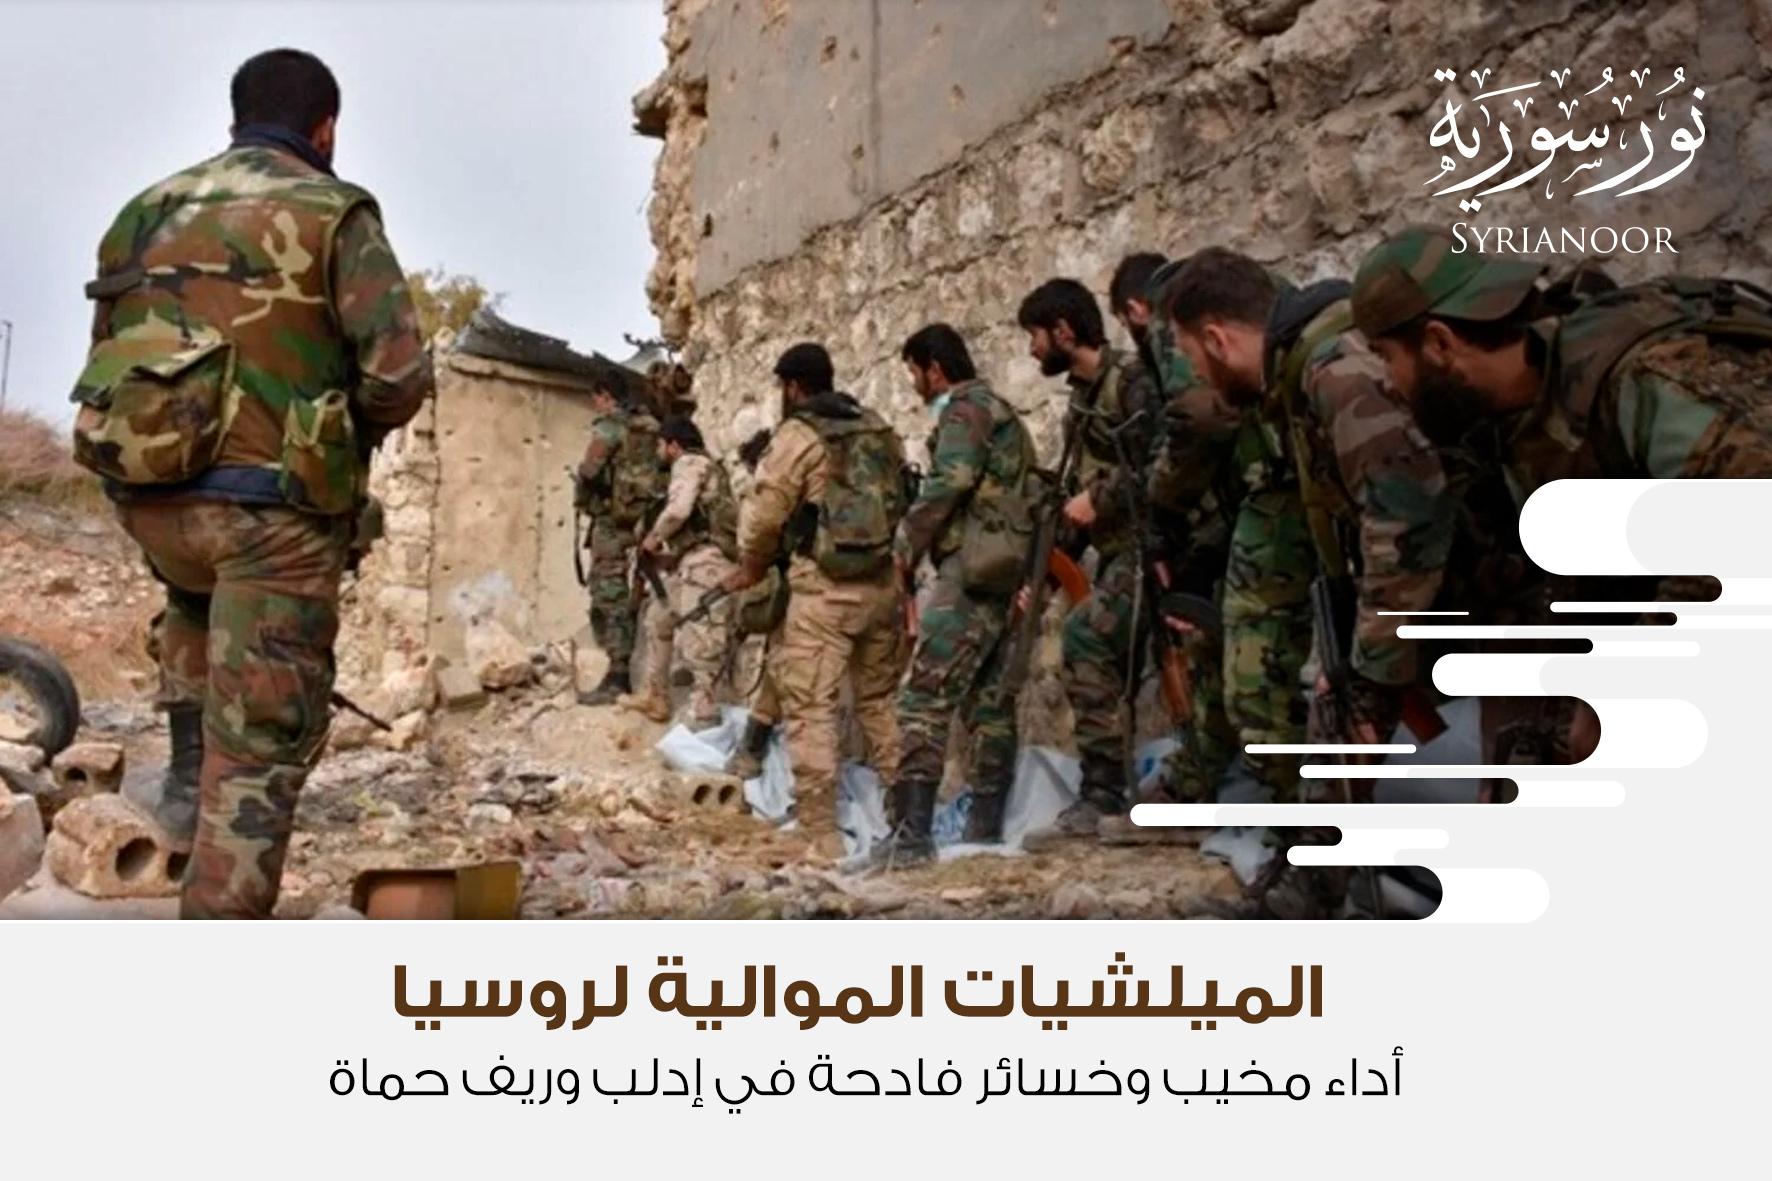 الميلشيات الموالية لروسيا: أداء مخيب وخسائر فادحة في إدلب وريف حماة